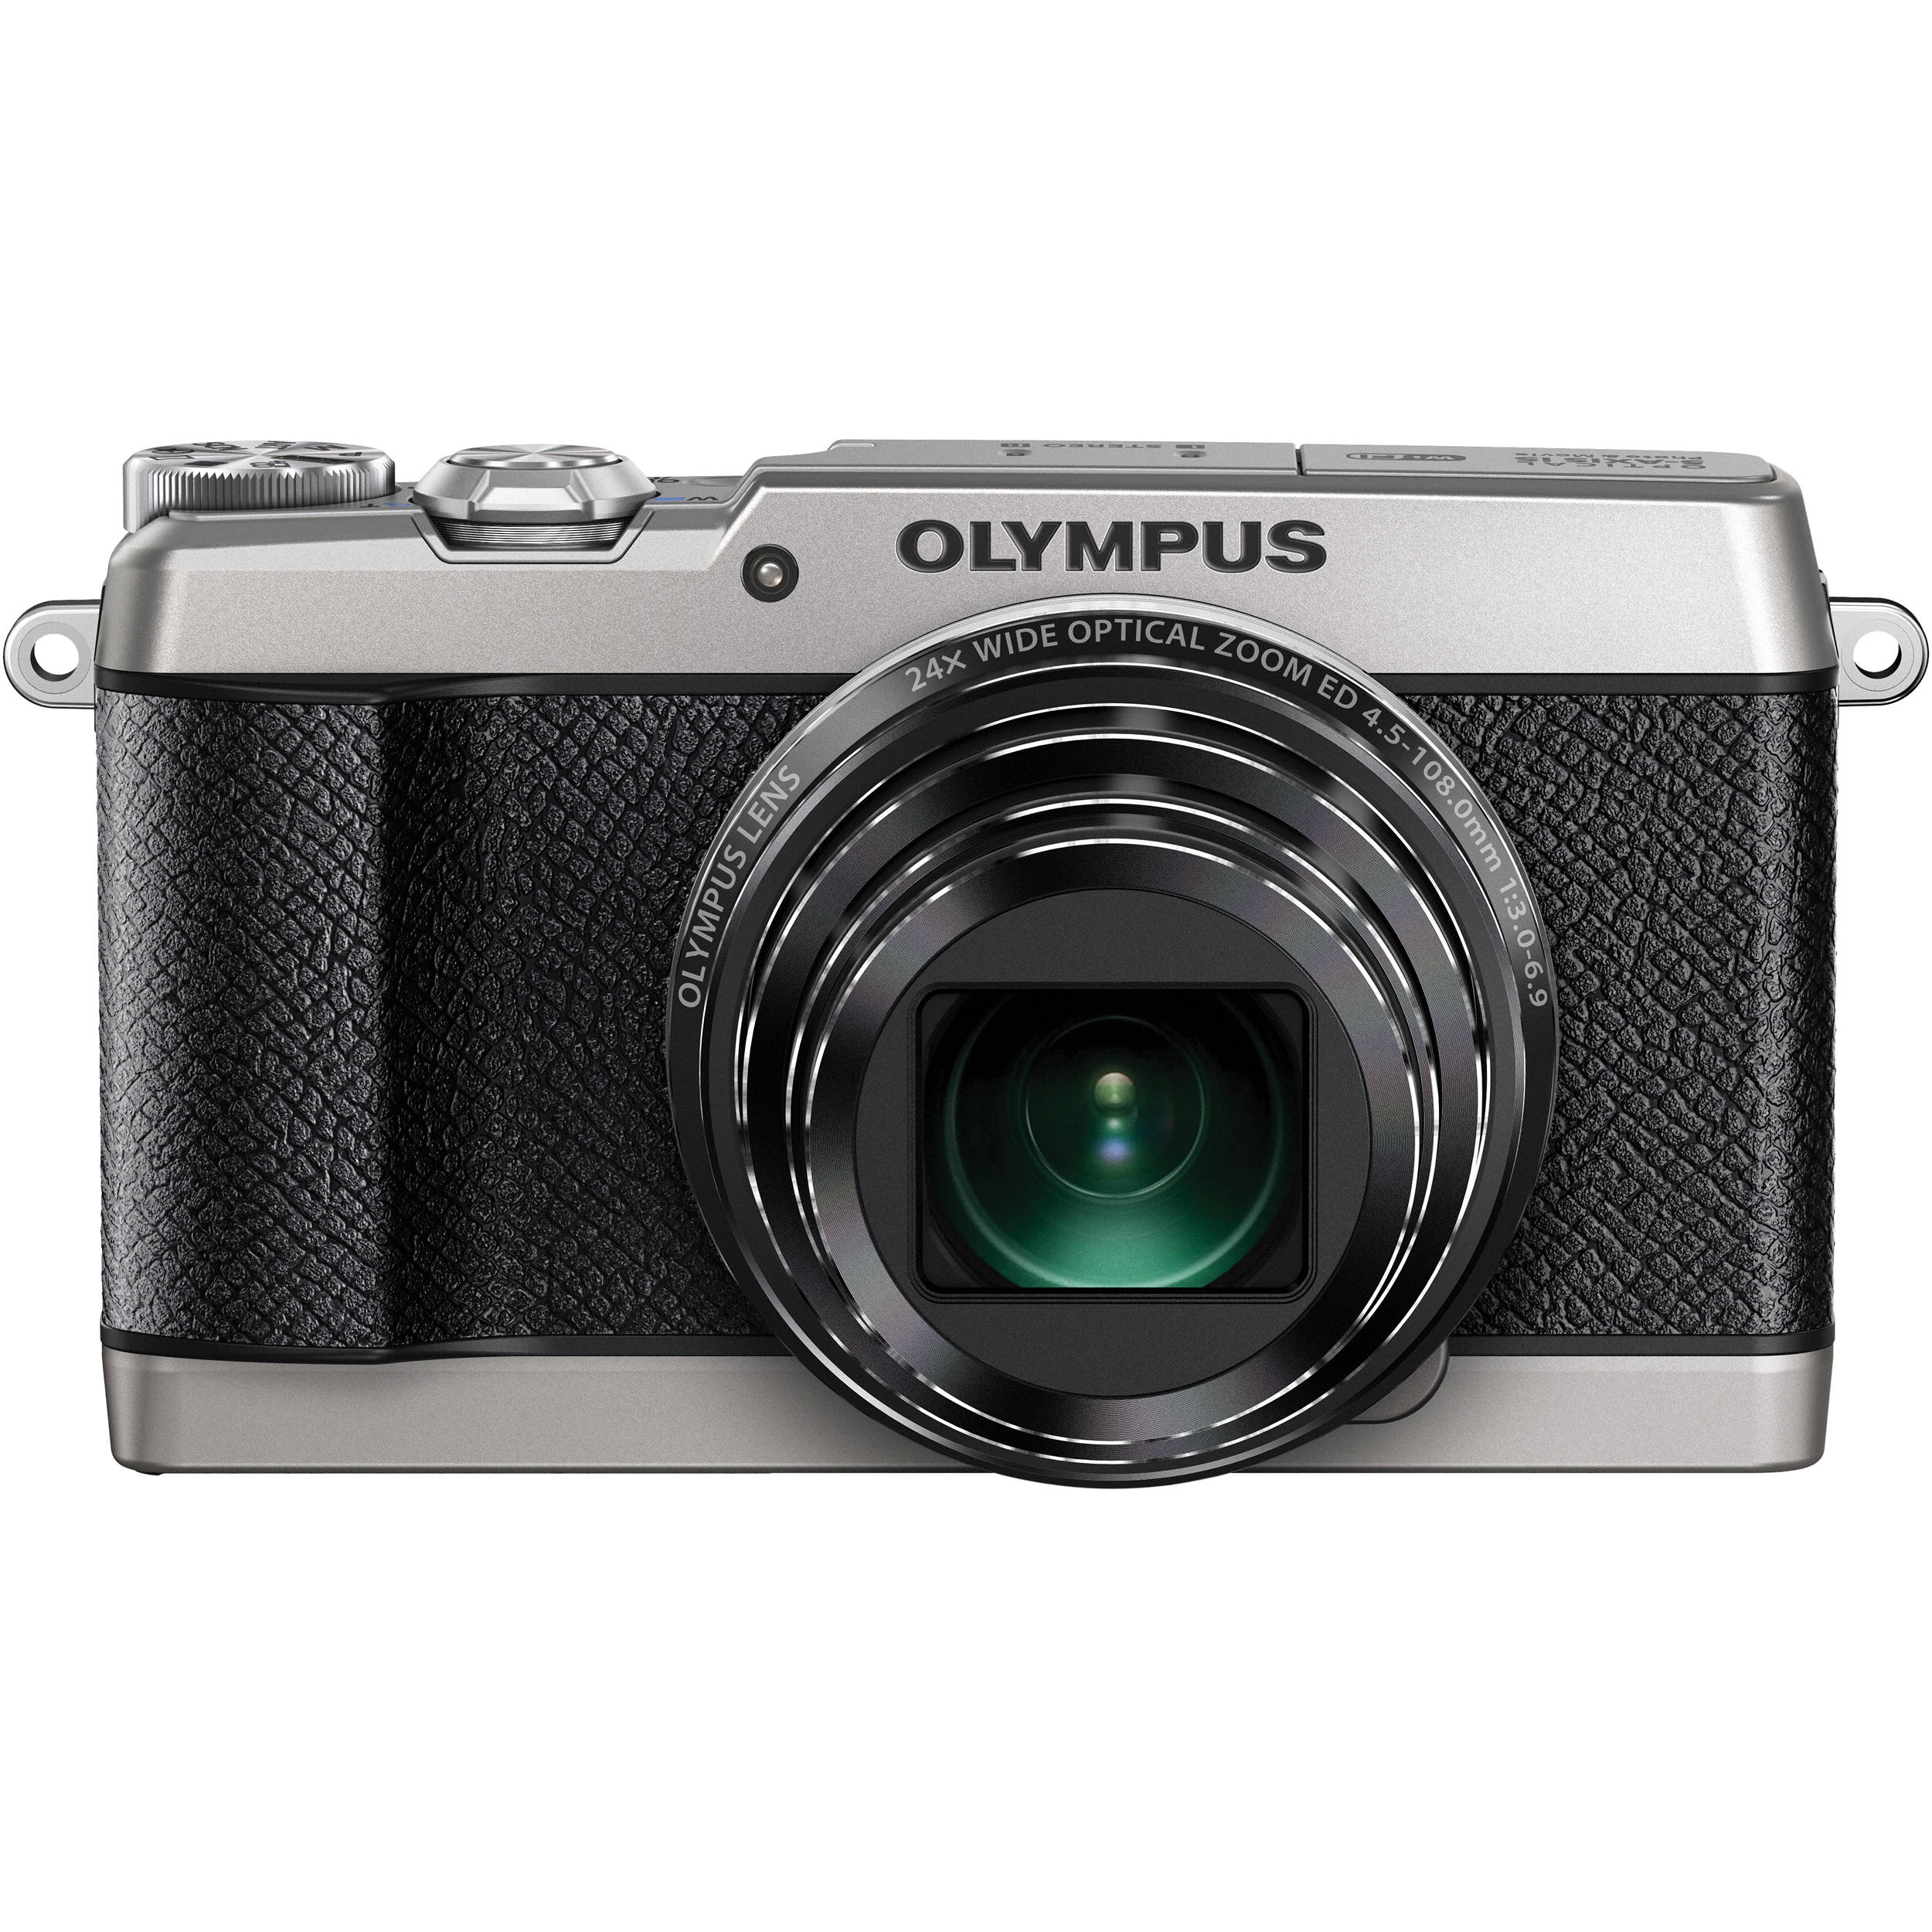 Olympus Stylus SH-2 Camera